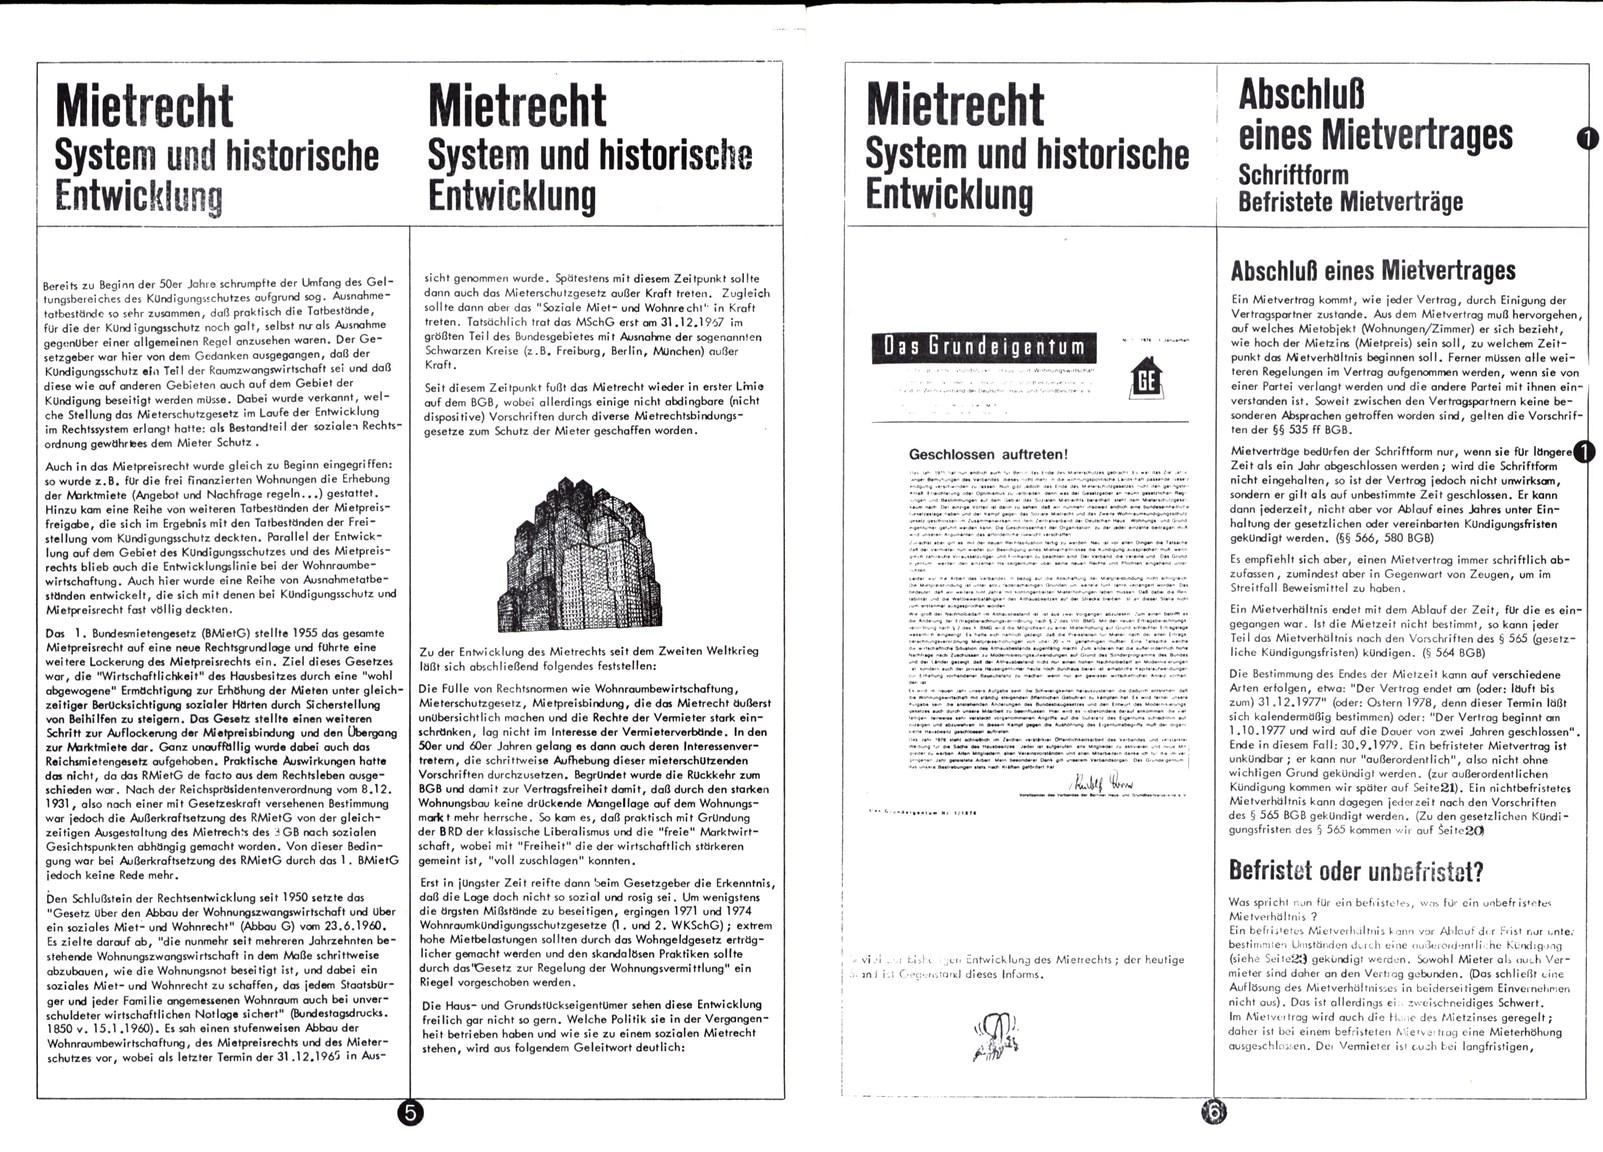 Muenster_AStA_Info_19770000_Mietinfo1_04